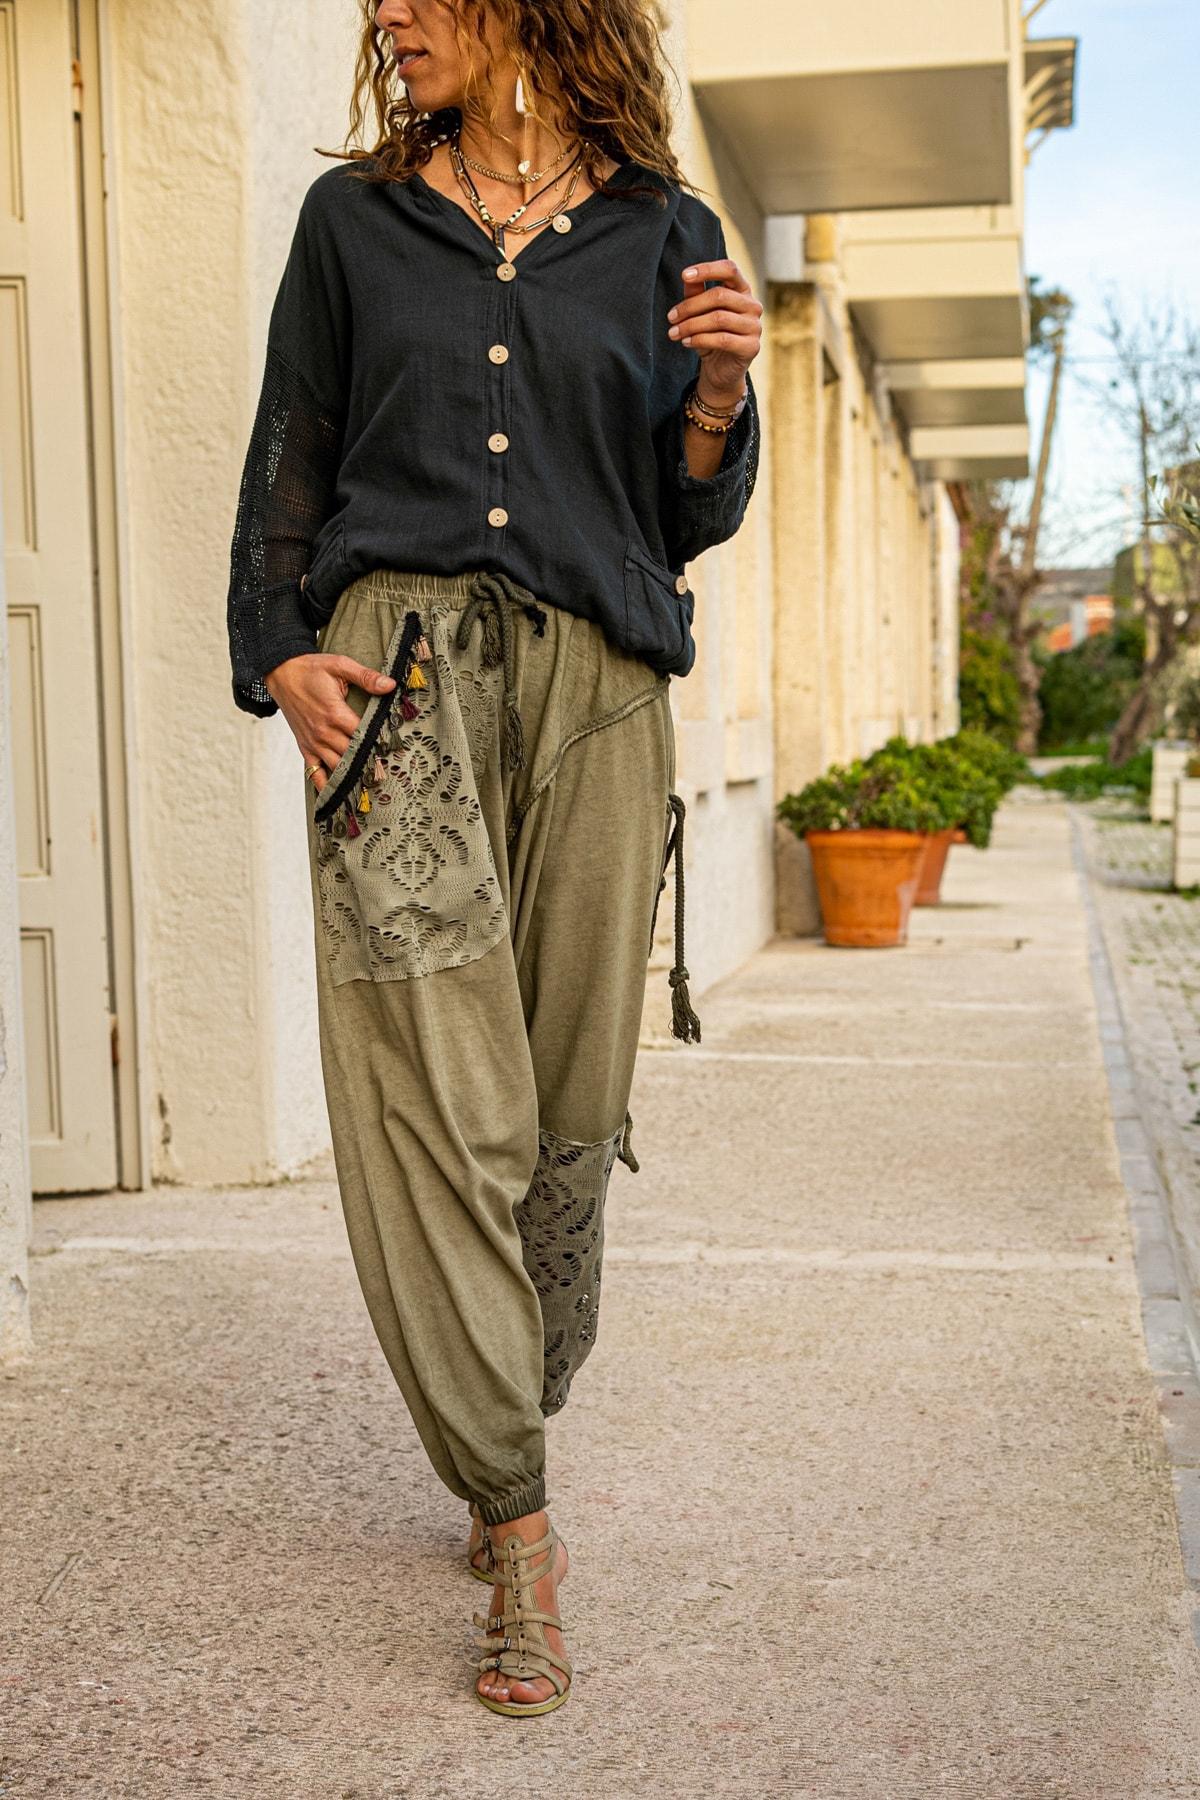 Güneşkızı Kadın Haki Yıkamalı Püsküllü Ajur Detaylı Şalvar Pantolon GK-RSD2024 2